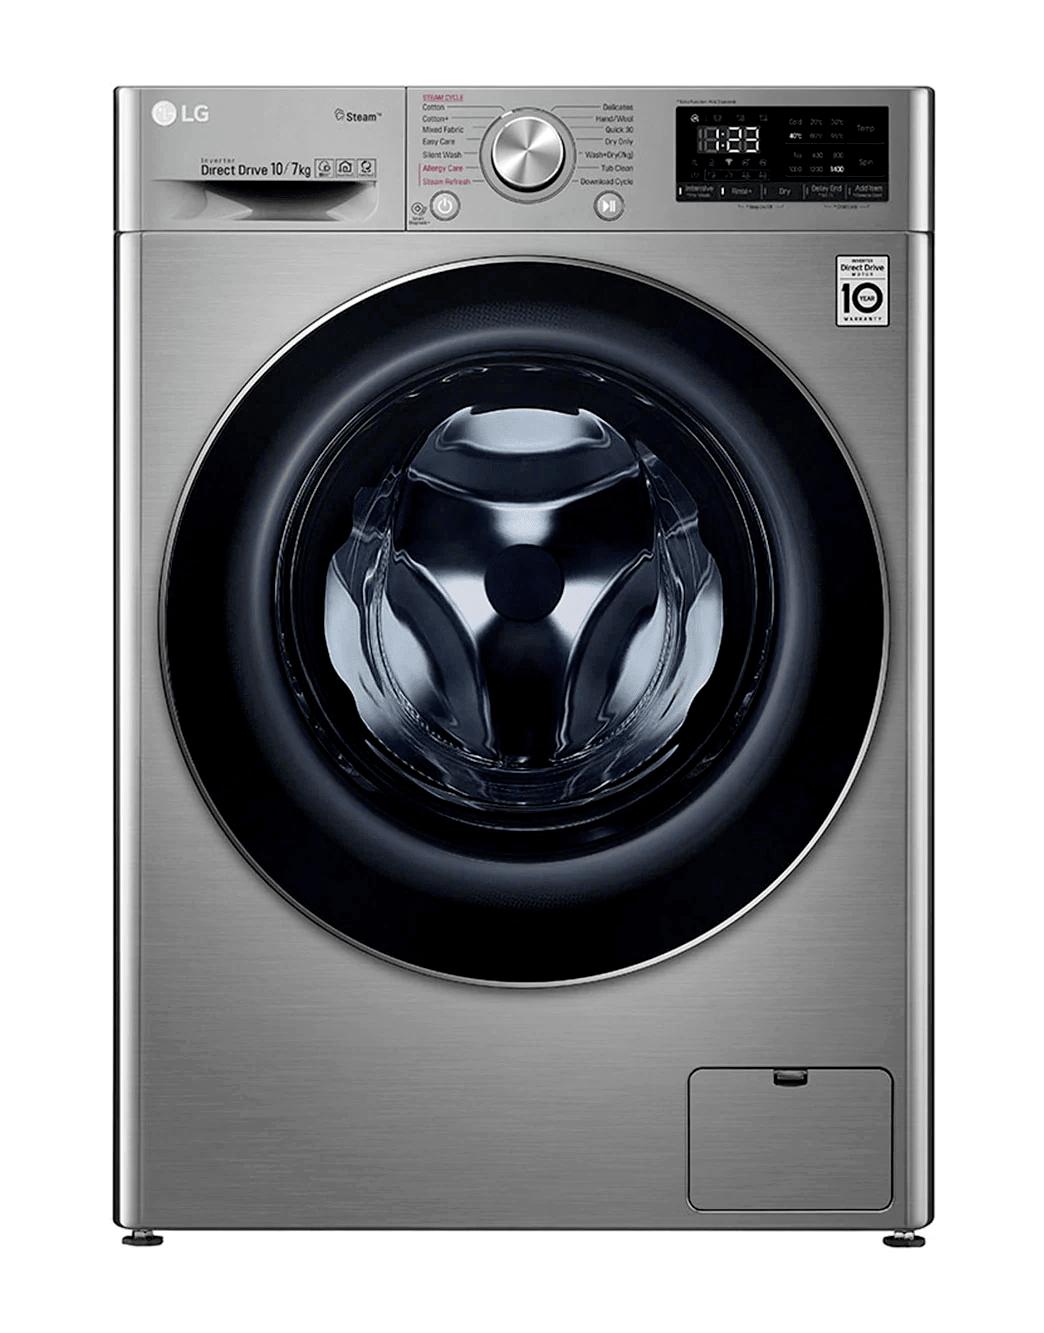 LG F4V5RGP2T Front Load Washer Dryer, 10.5/7KG - Silver | hotpoint.co.ke